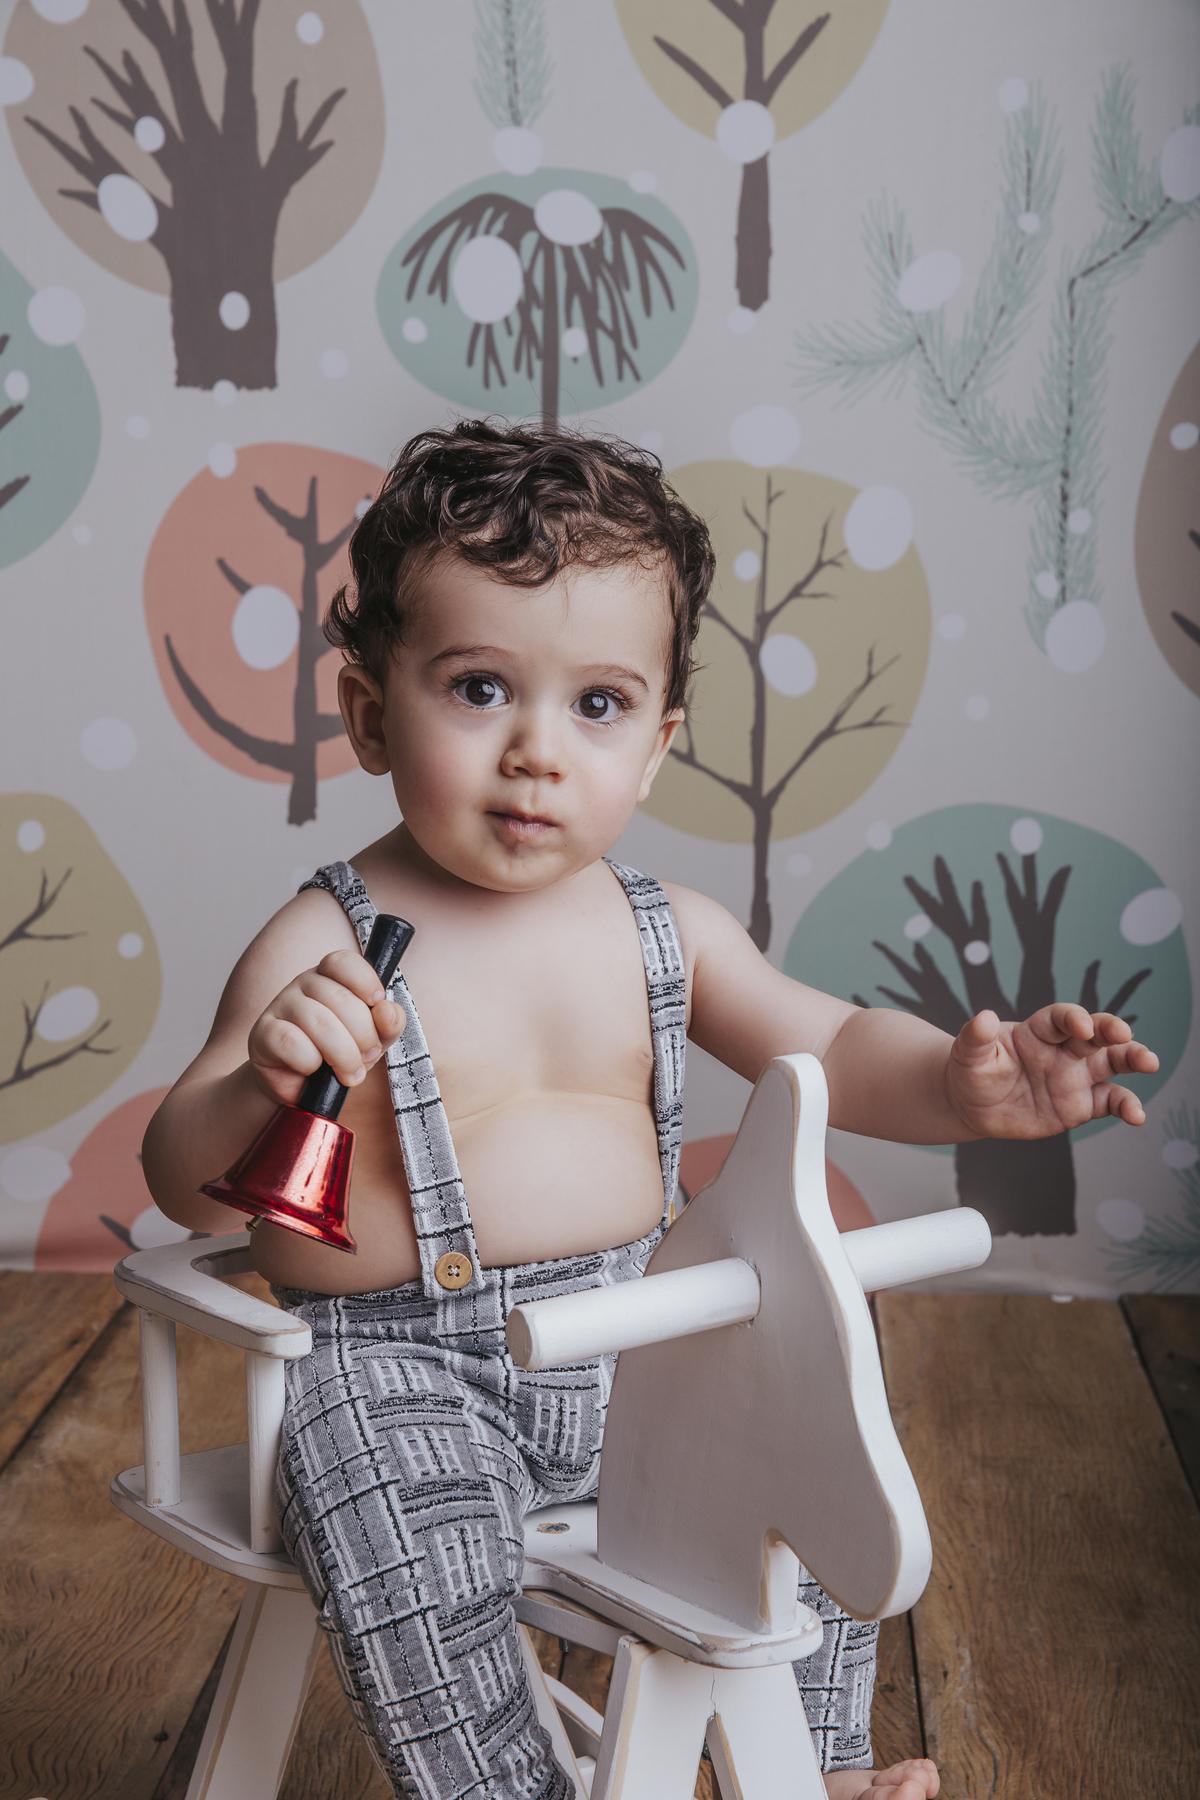 Acompanhamento de bebê de nove meses, Brasília DF